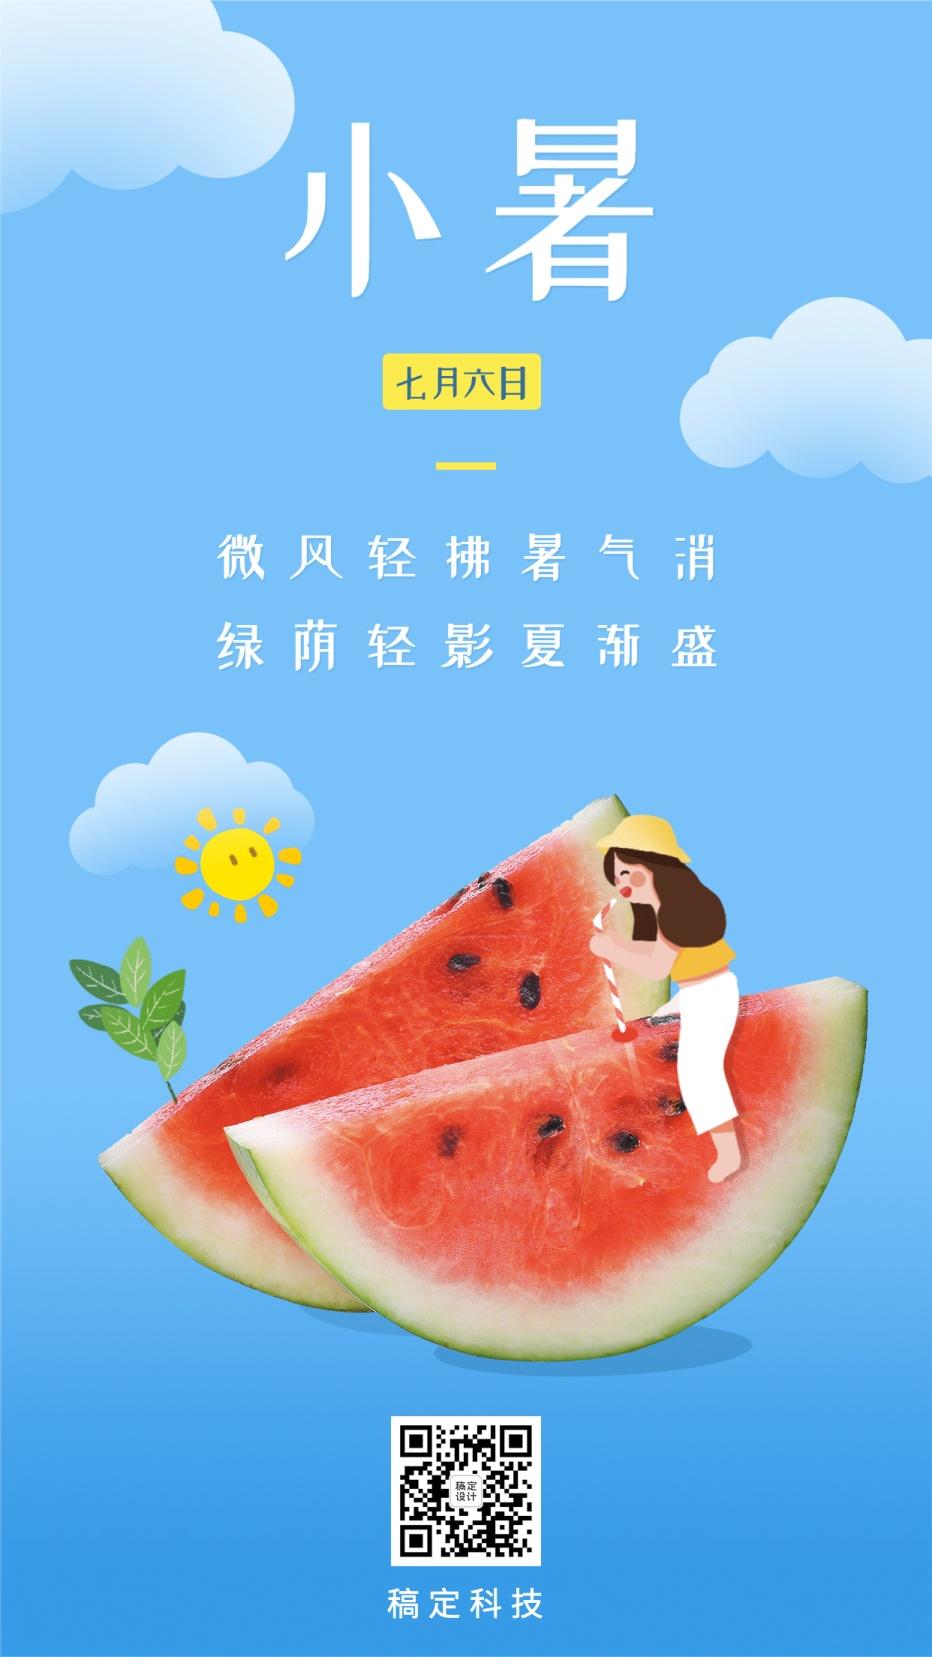 小暑节气西瓜夏天实景插画手机海报